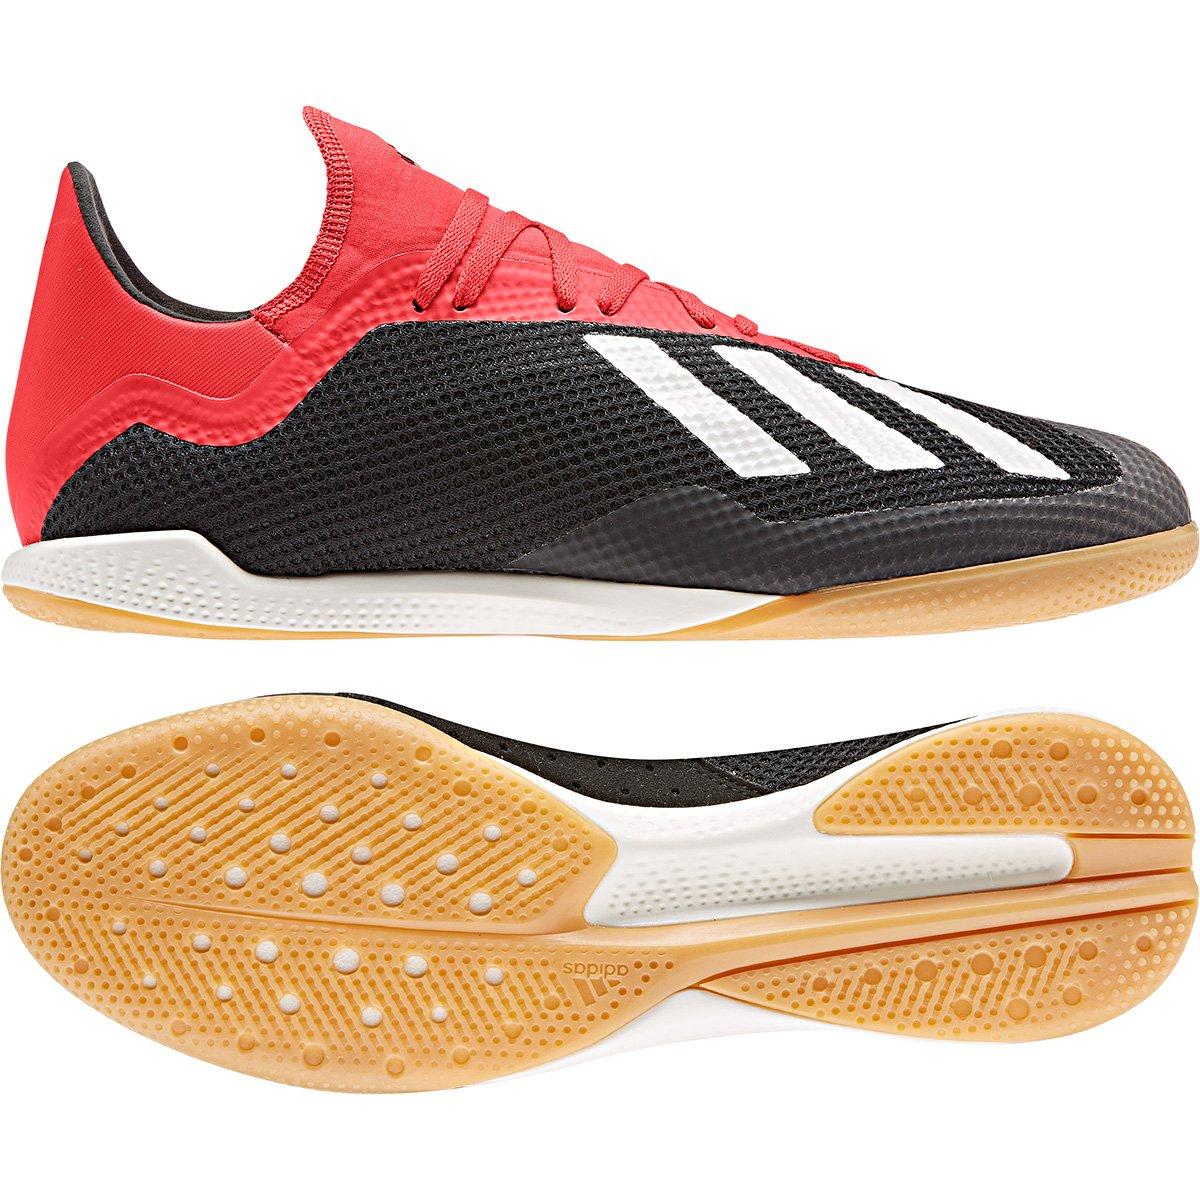 570e90837da Chuteira Futsal Adidas X 18 3 IN - Compre Agora